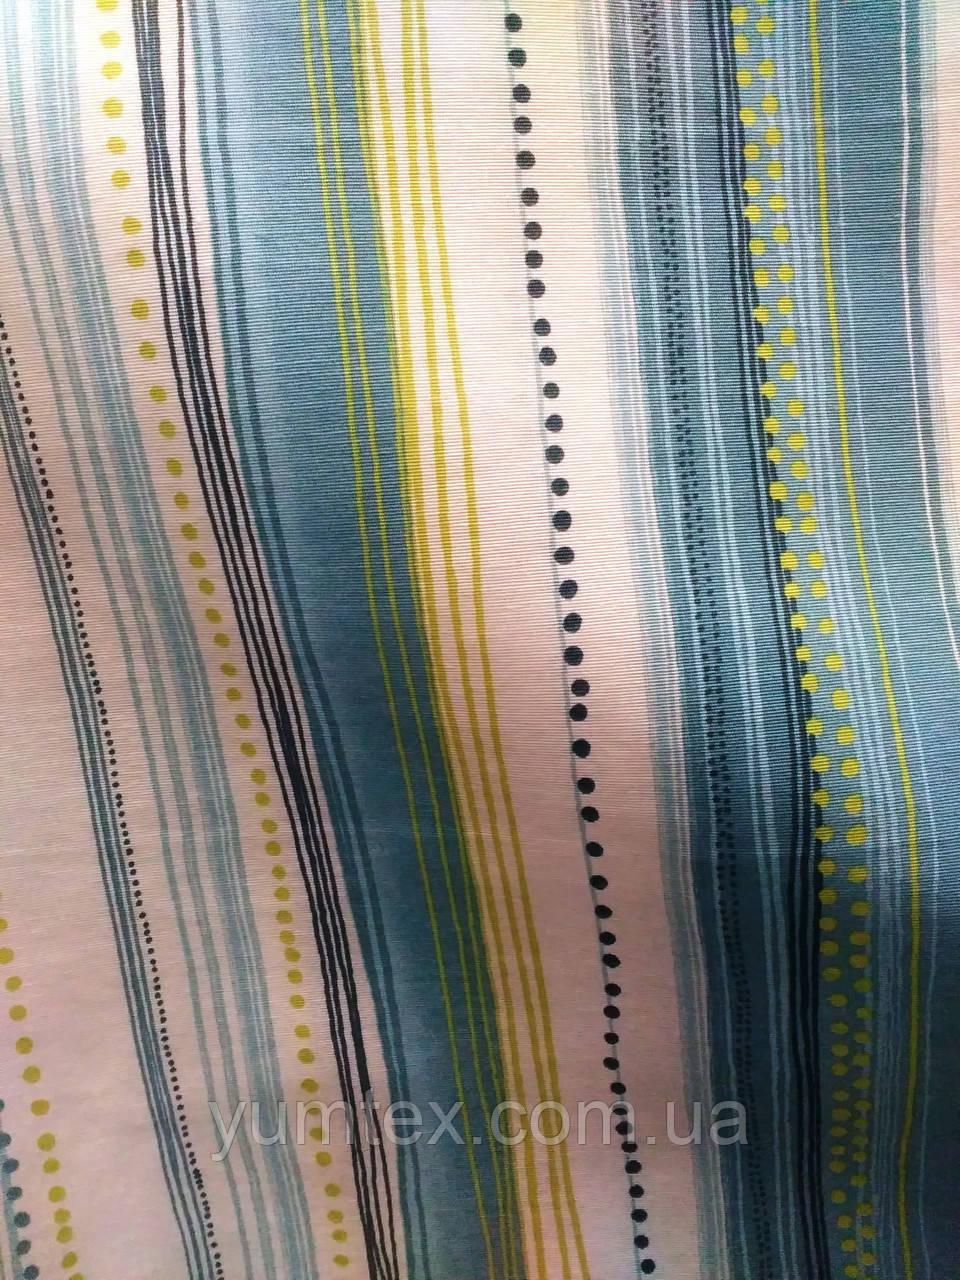 Декоративная ткань полоска Каста, цвет № 3